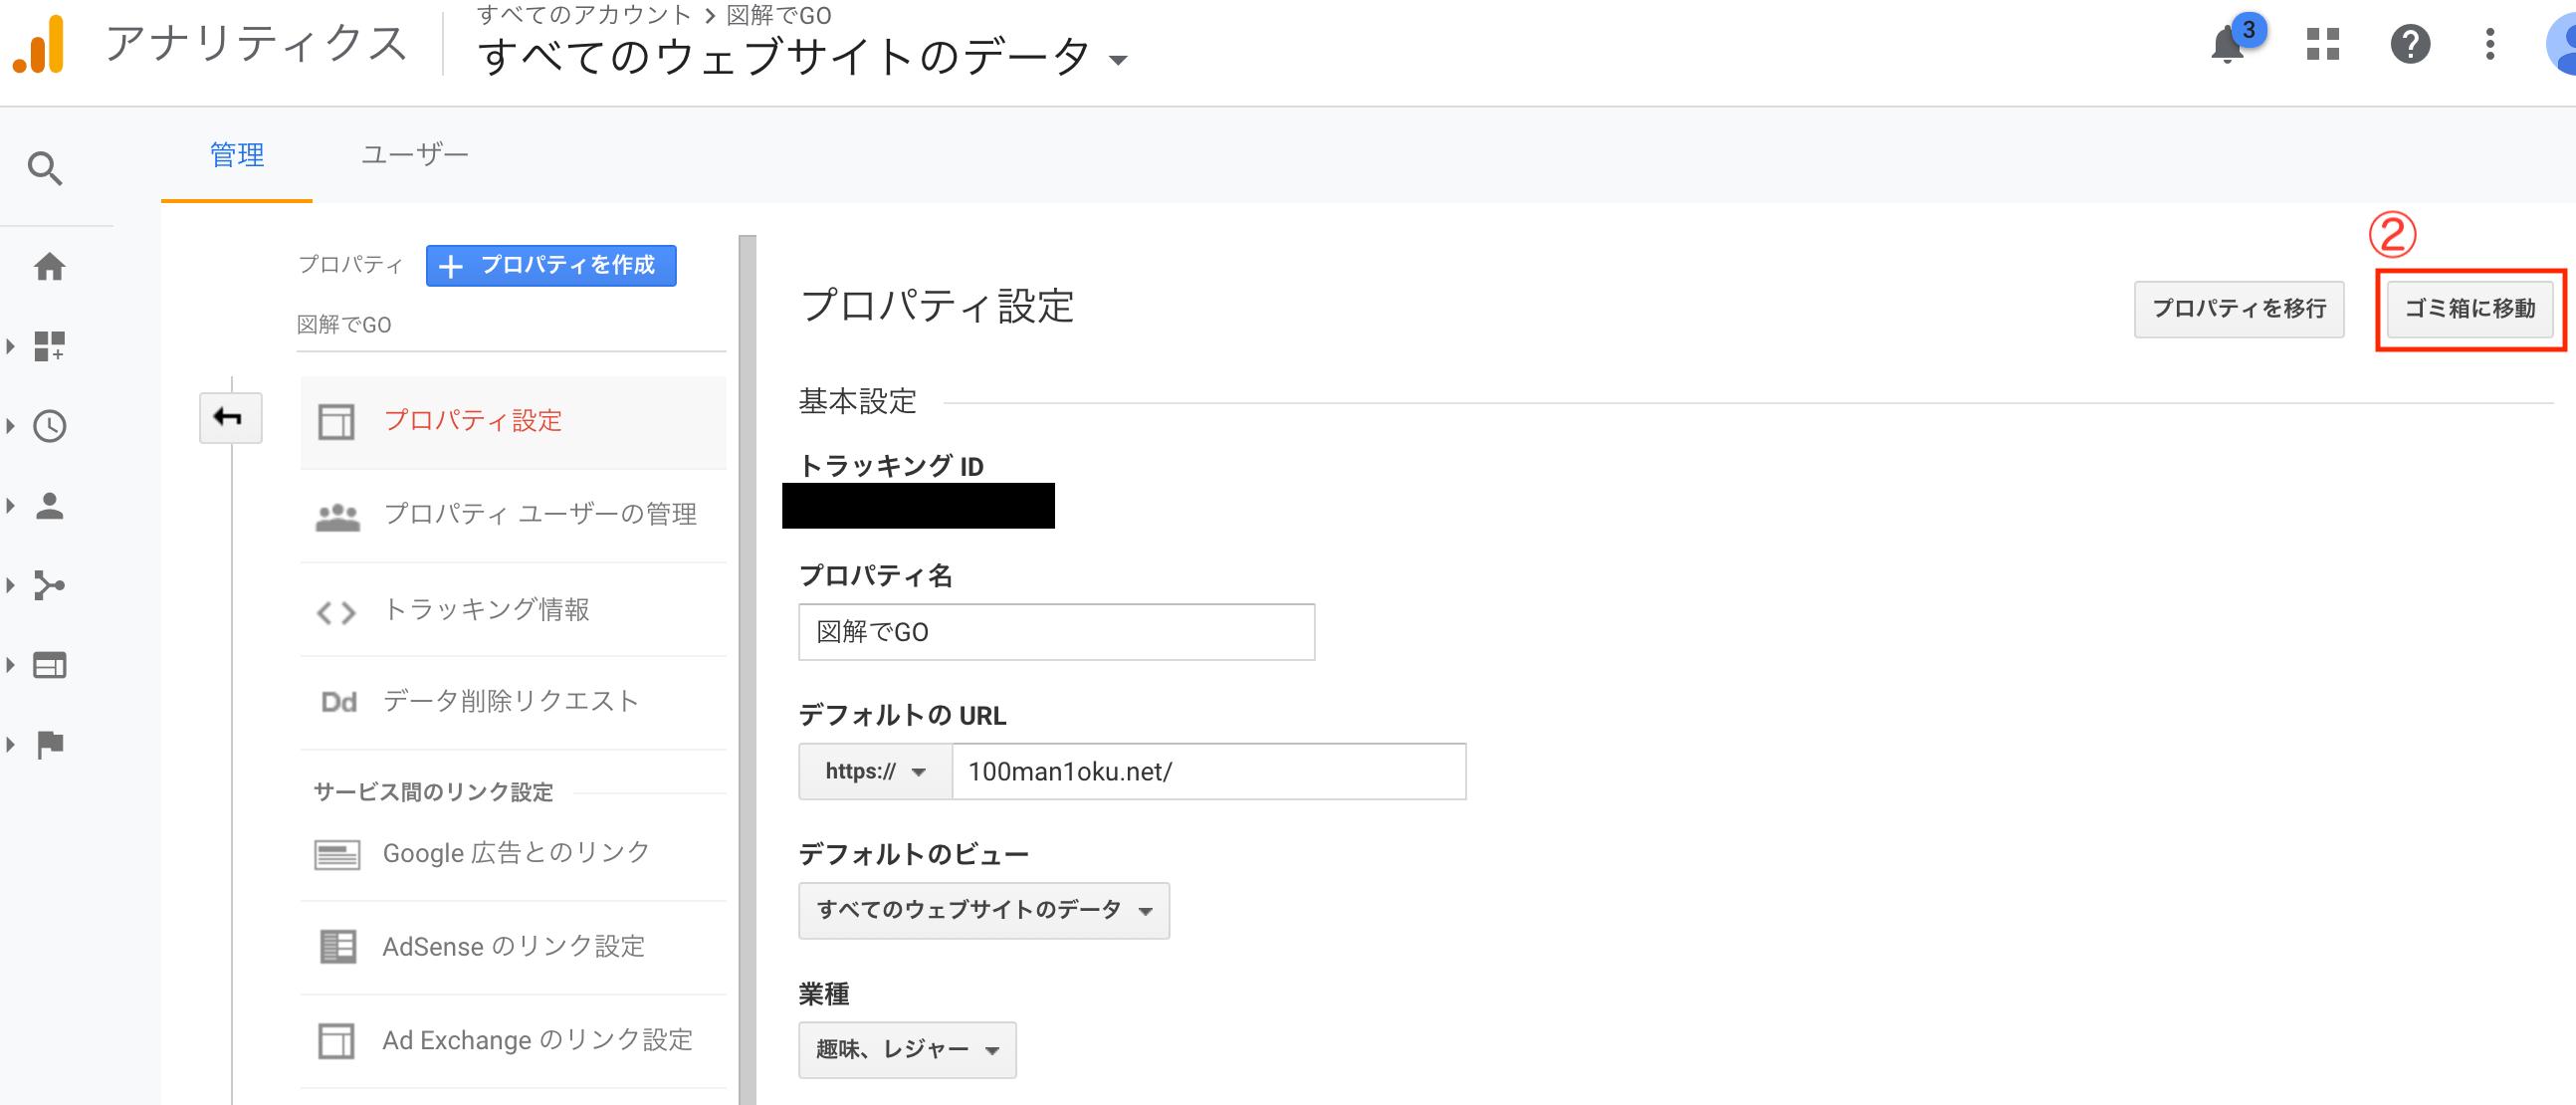 wordpressのブログを削除(閉鎖)した手順を画像付きで解説7